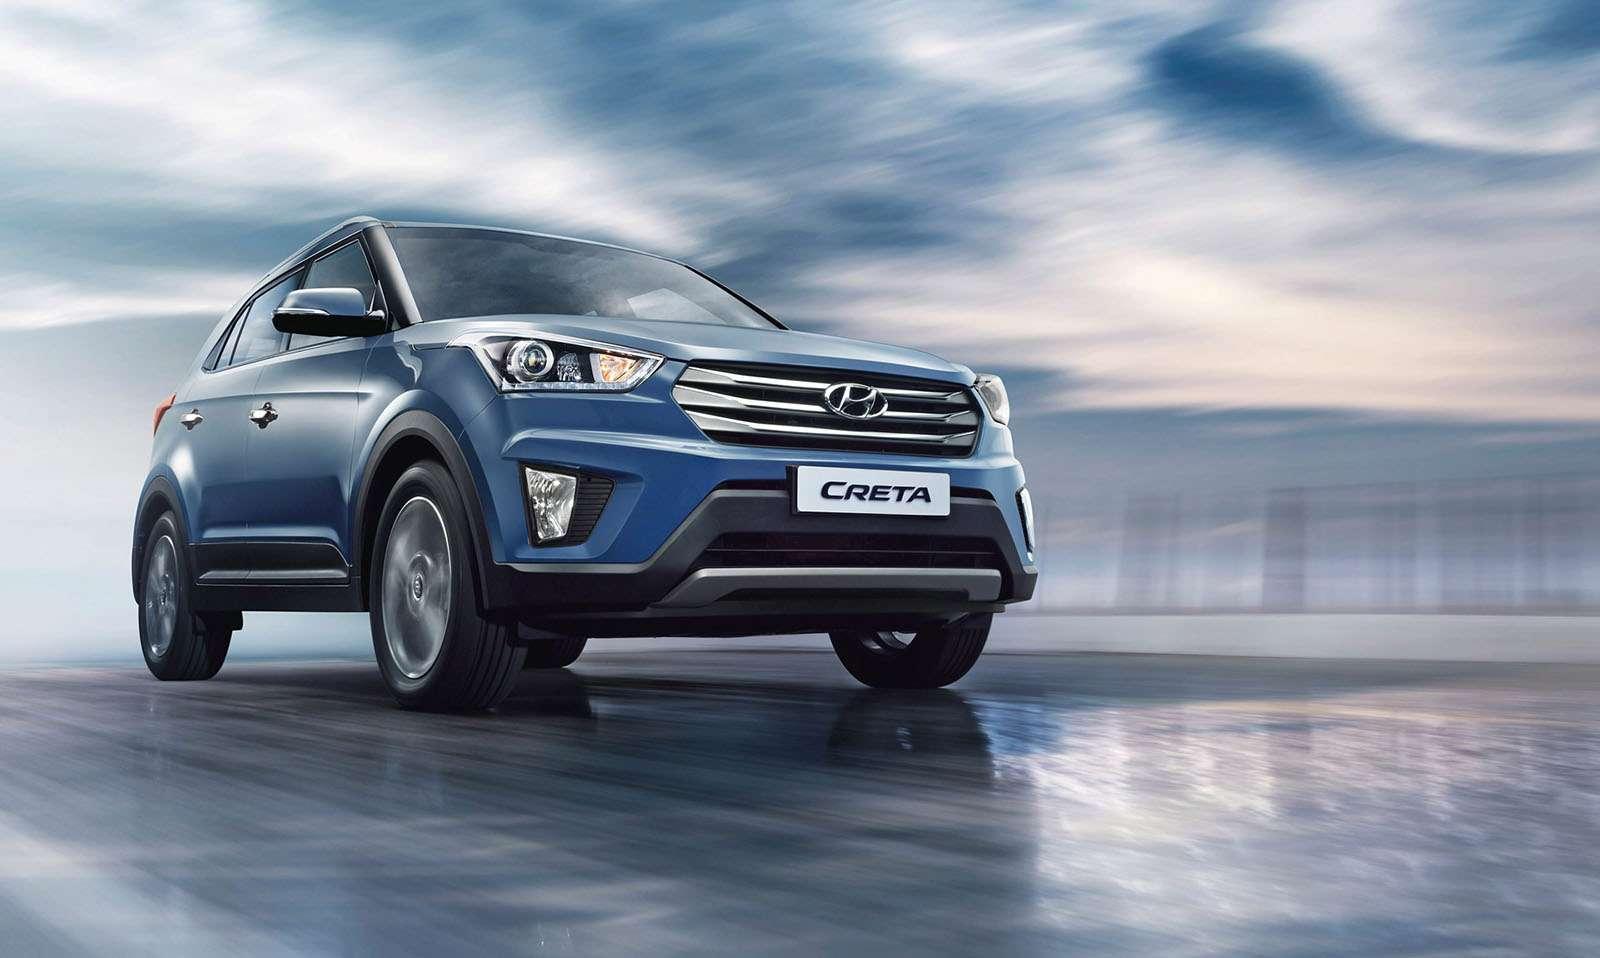 Lada XRAY, Hyundai Creta иRenault Kaptur поодной цене: что выбрать?— фото 778464